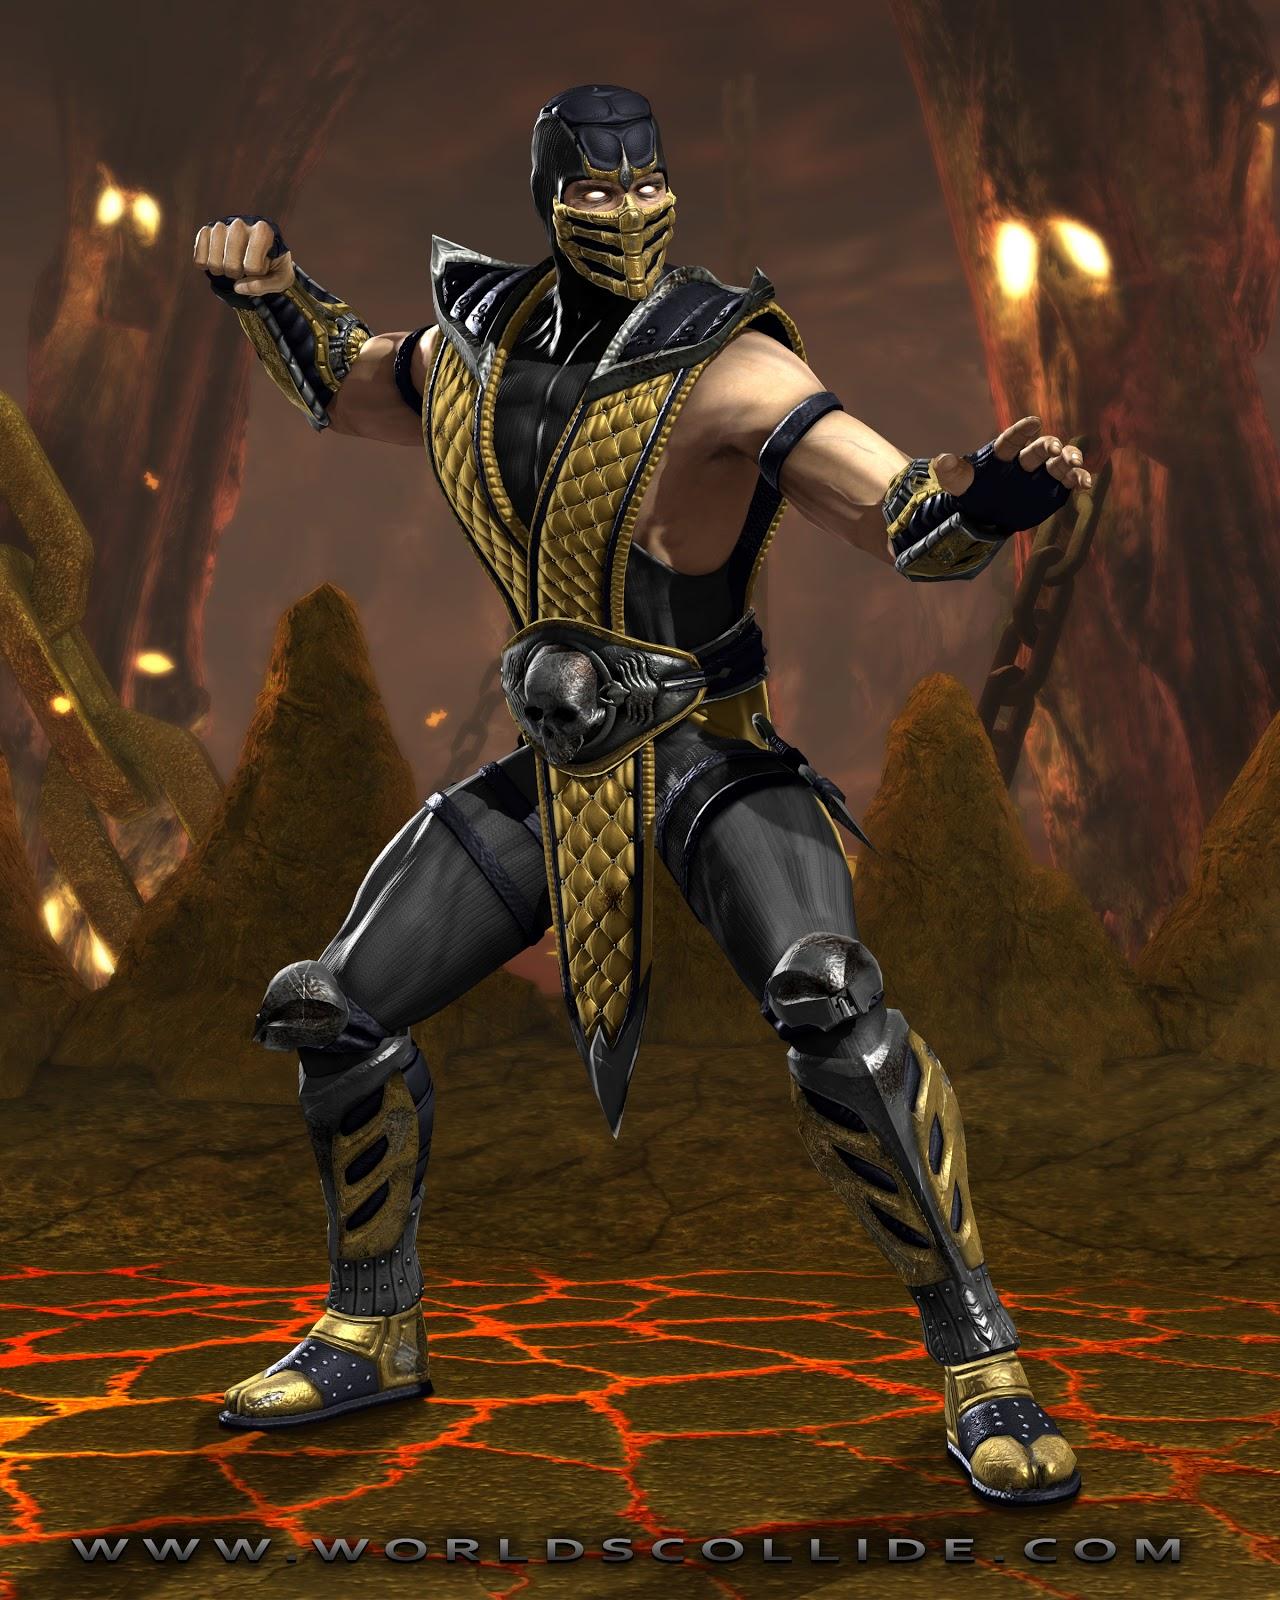 http://1.bp.blogspot.com/-y8Fv6dzkA-M/TpgyaHJoobI/AAAAAAAADc0/QNEkppCRRH4/s1600/Scorpion_Mortal_Combat_Worlds_Collide_Wallpaper%252BVvallpaper.Net.jpg